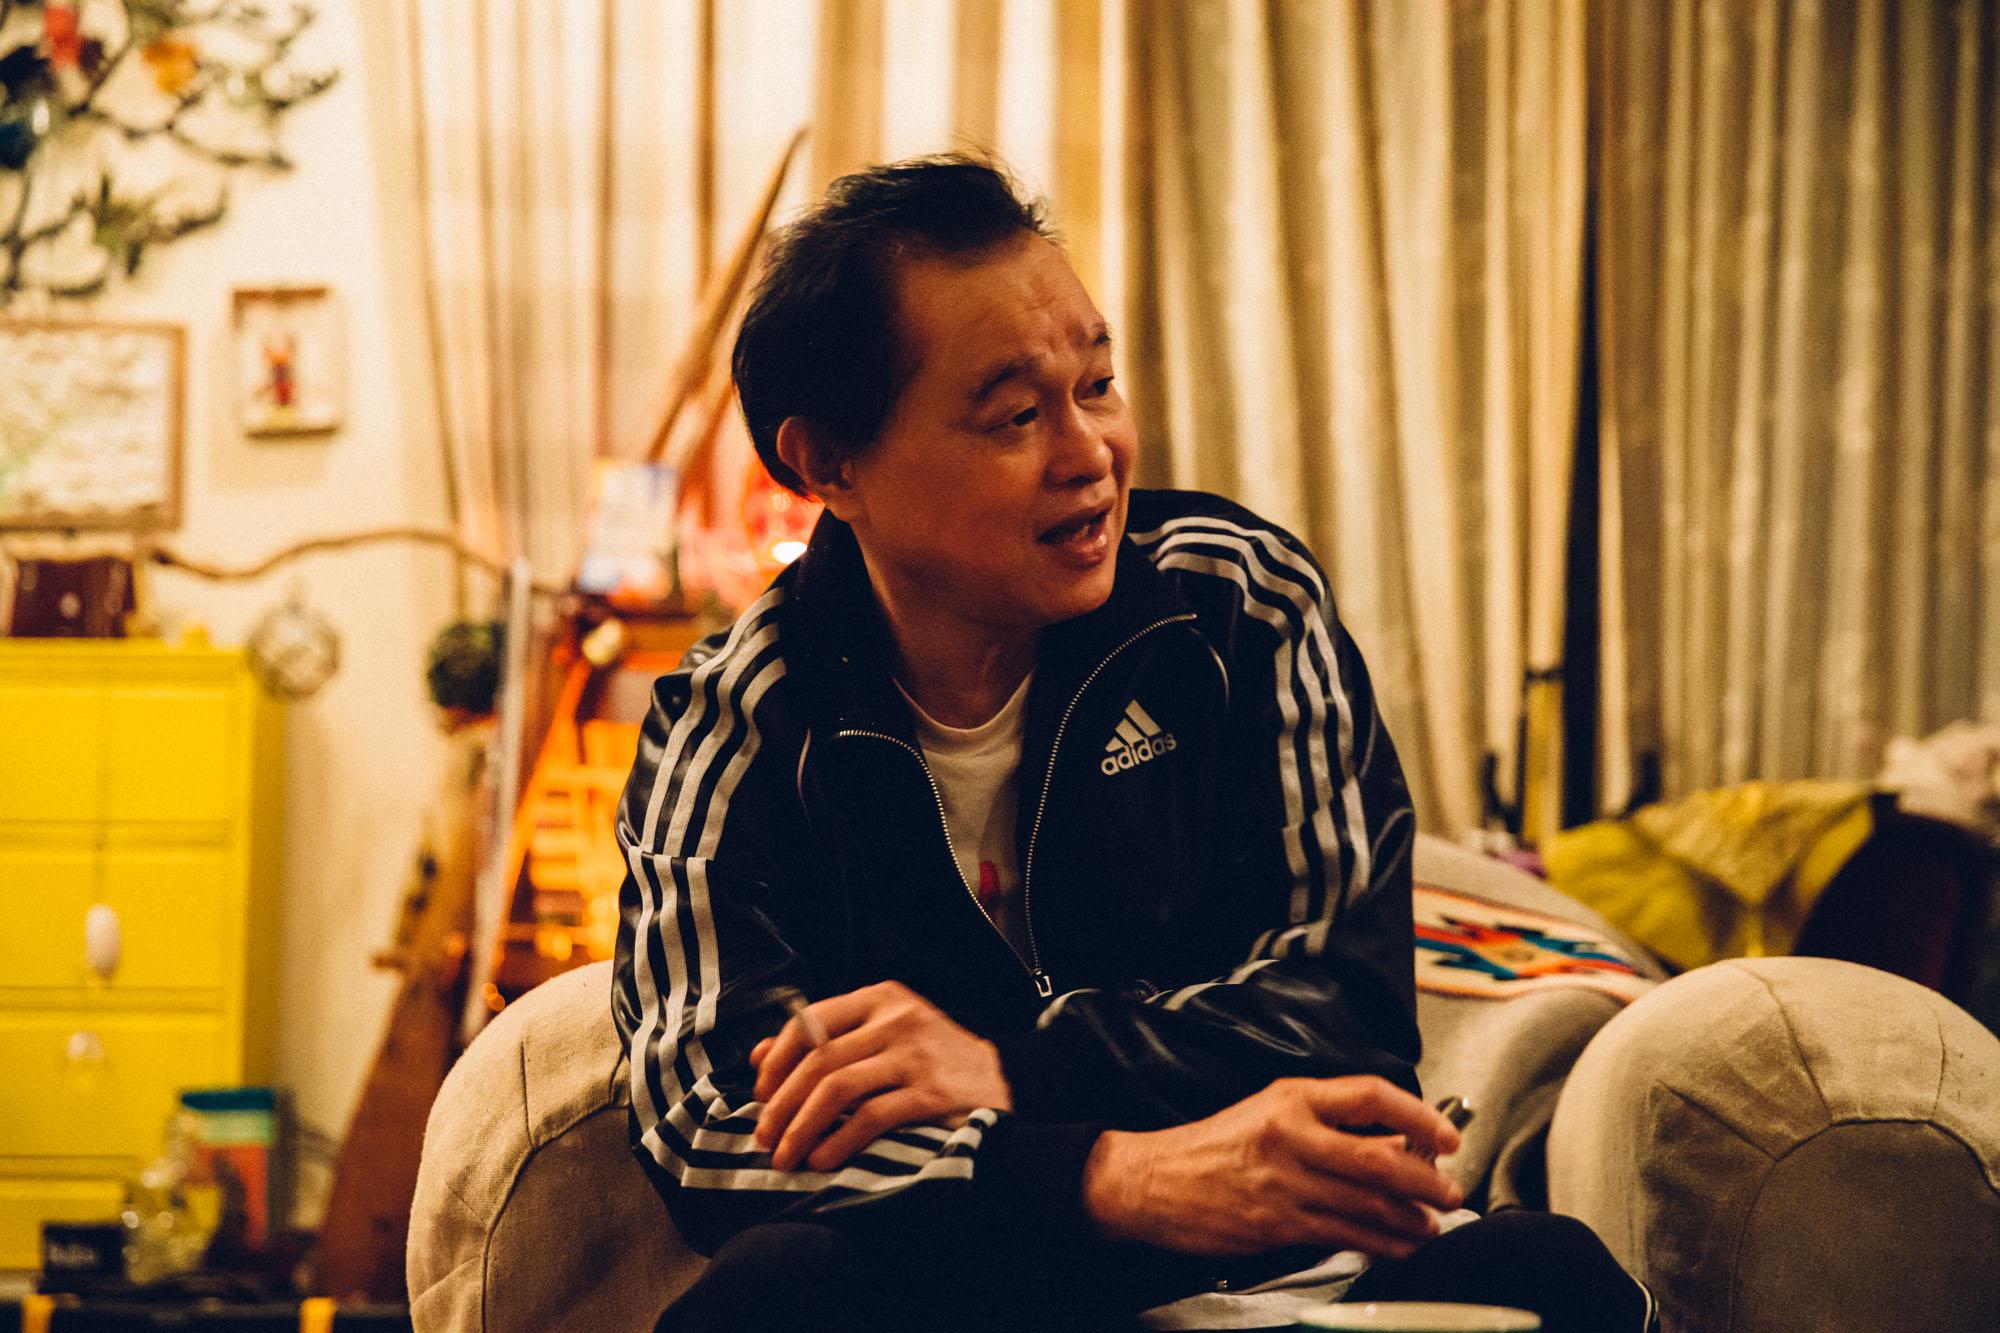 フジロック生みの親、日高正博氏インタビュー『前編:フジロックができるまで』